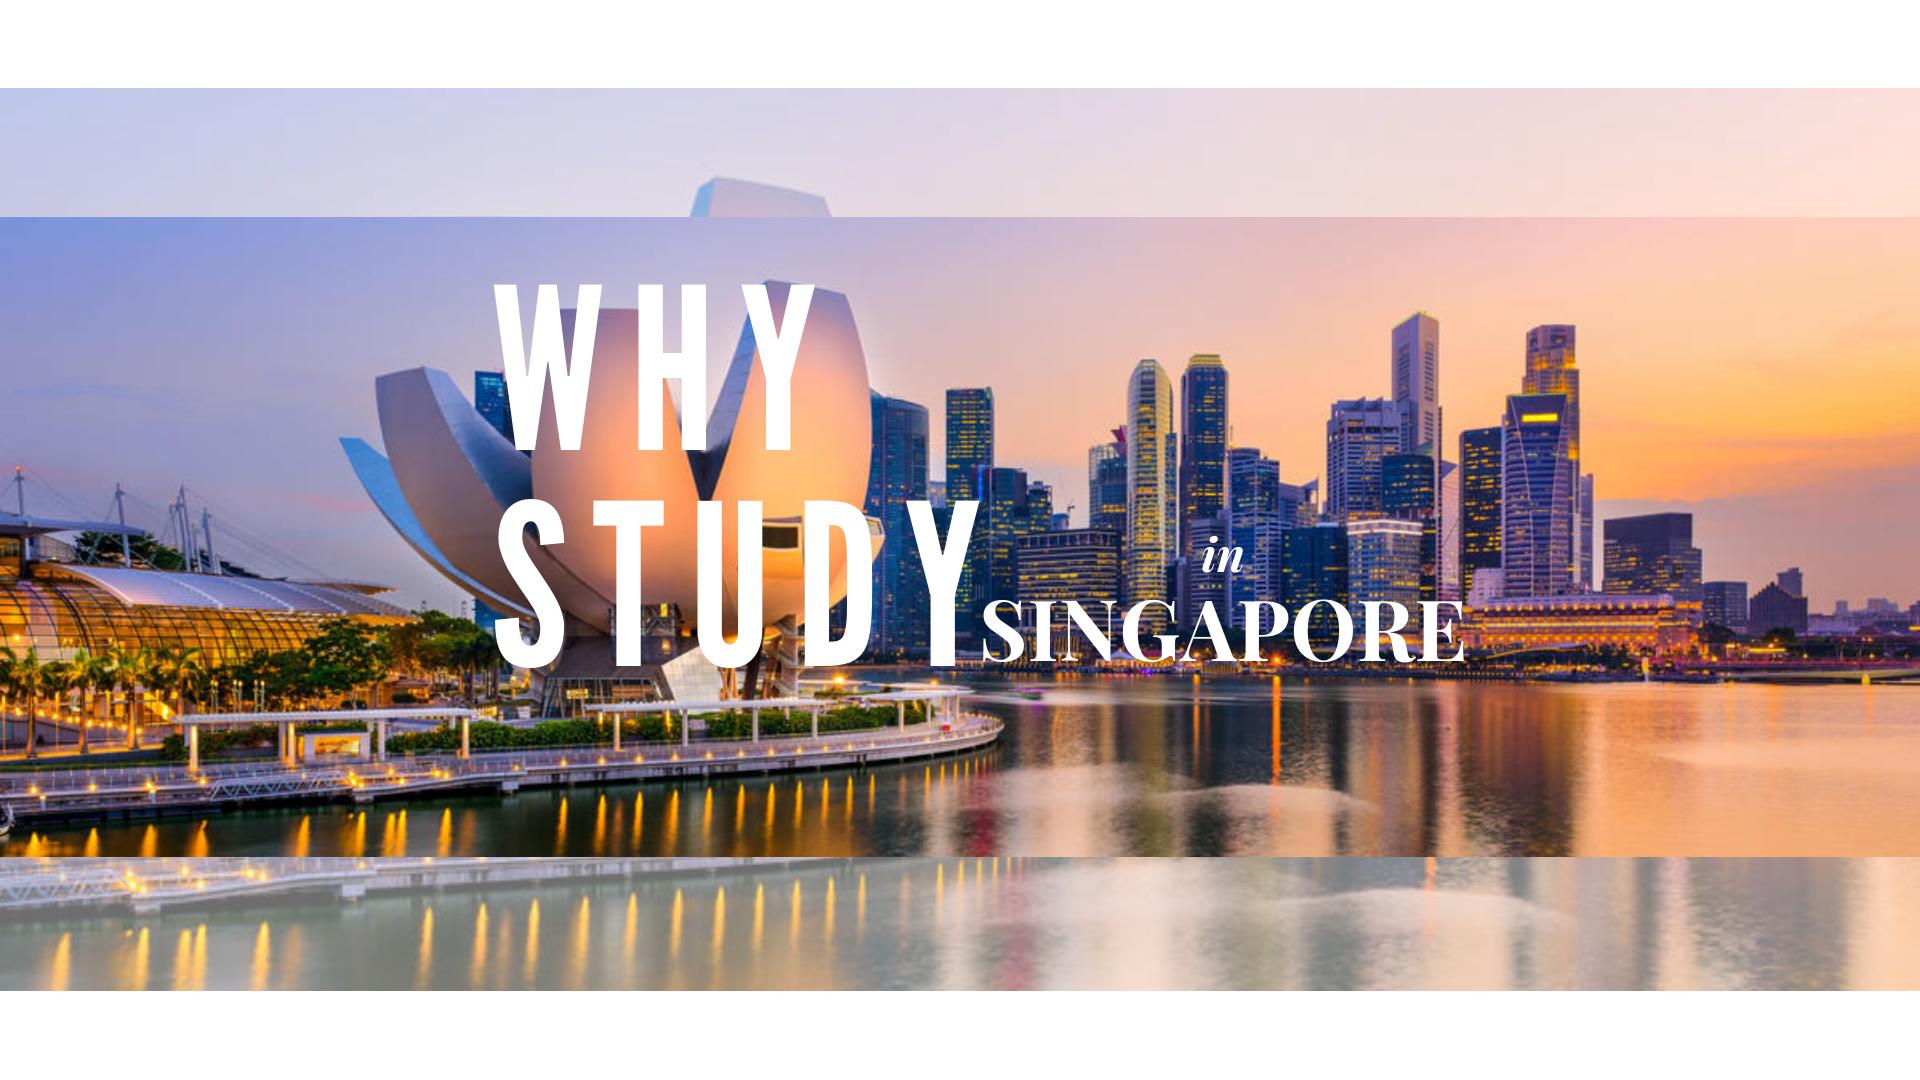 TẠI SAO CHỌN SINGAPORE LÀ ĐIỂM DỪNG CHÂN DU HỌC